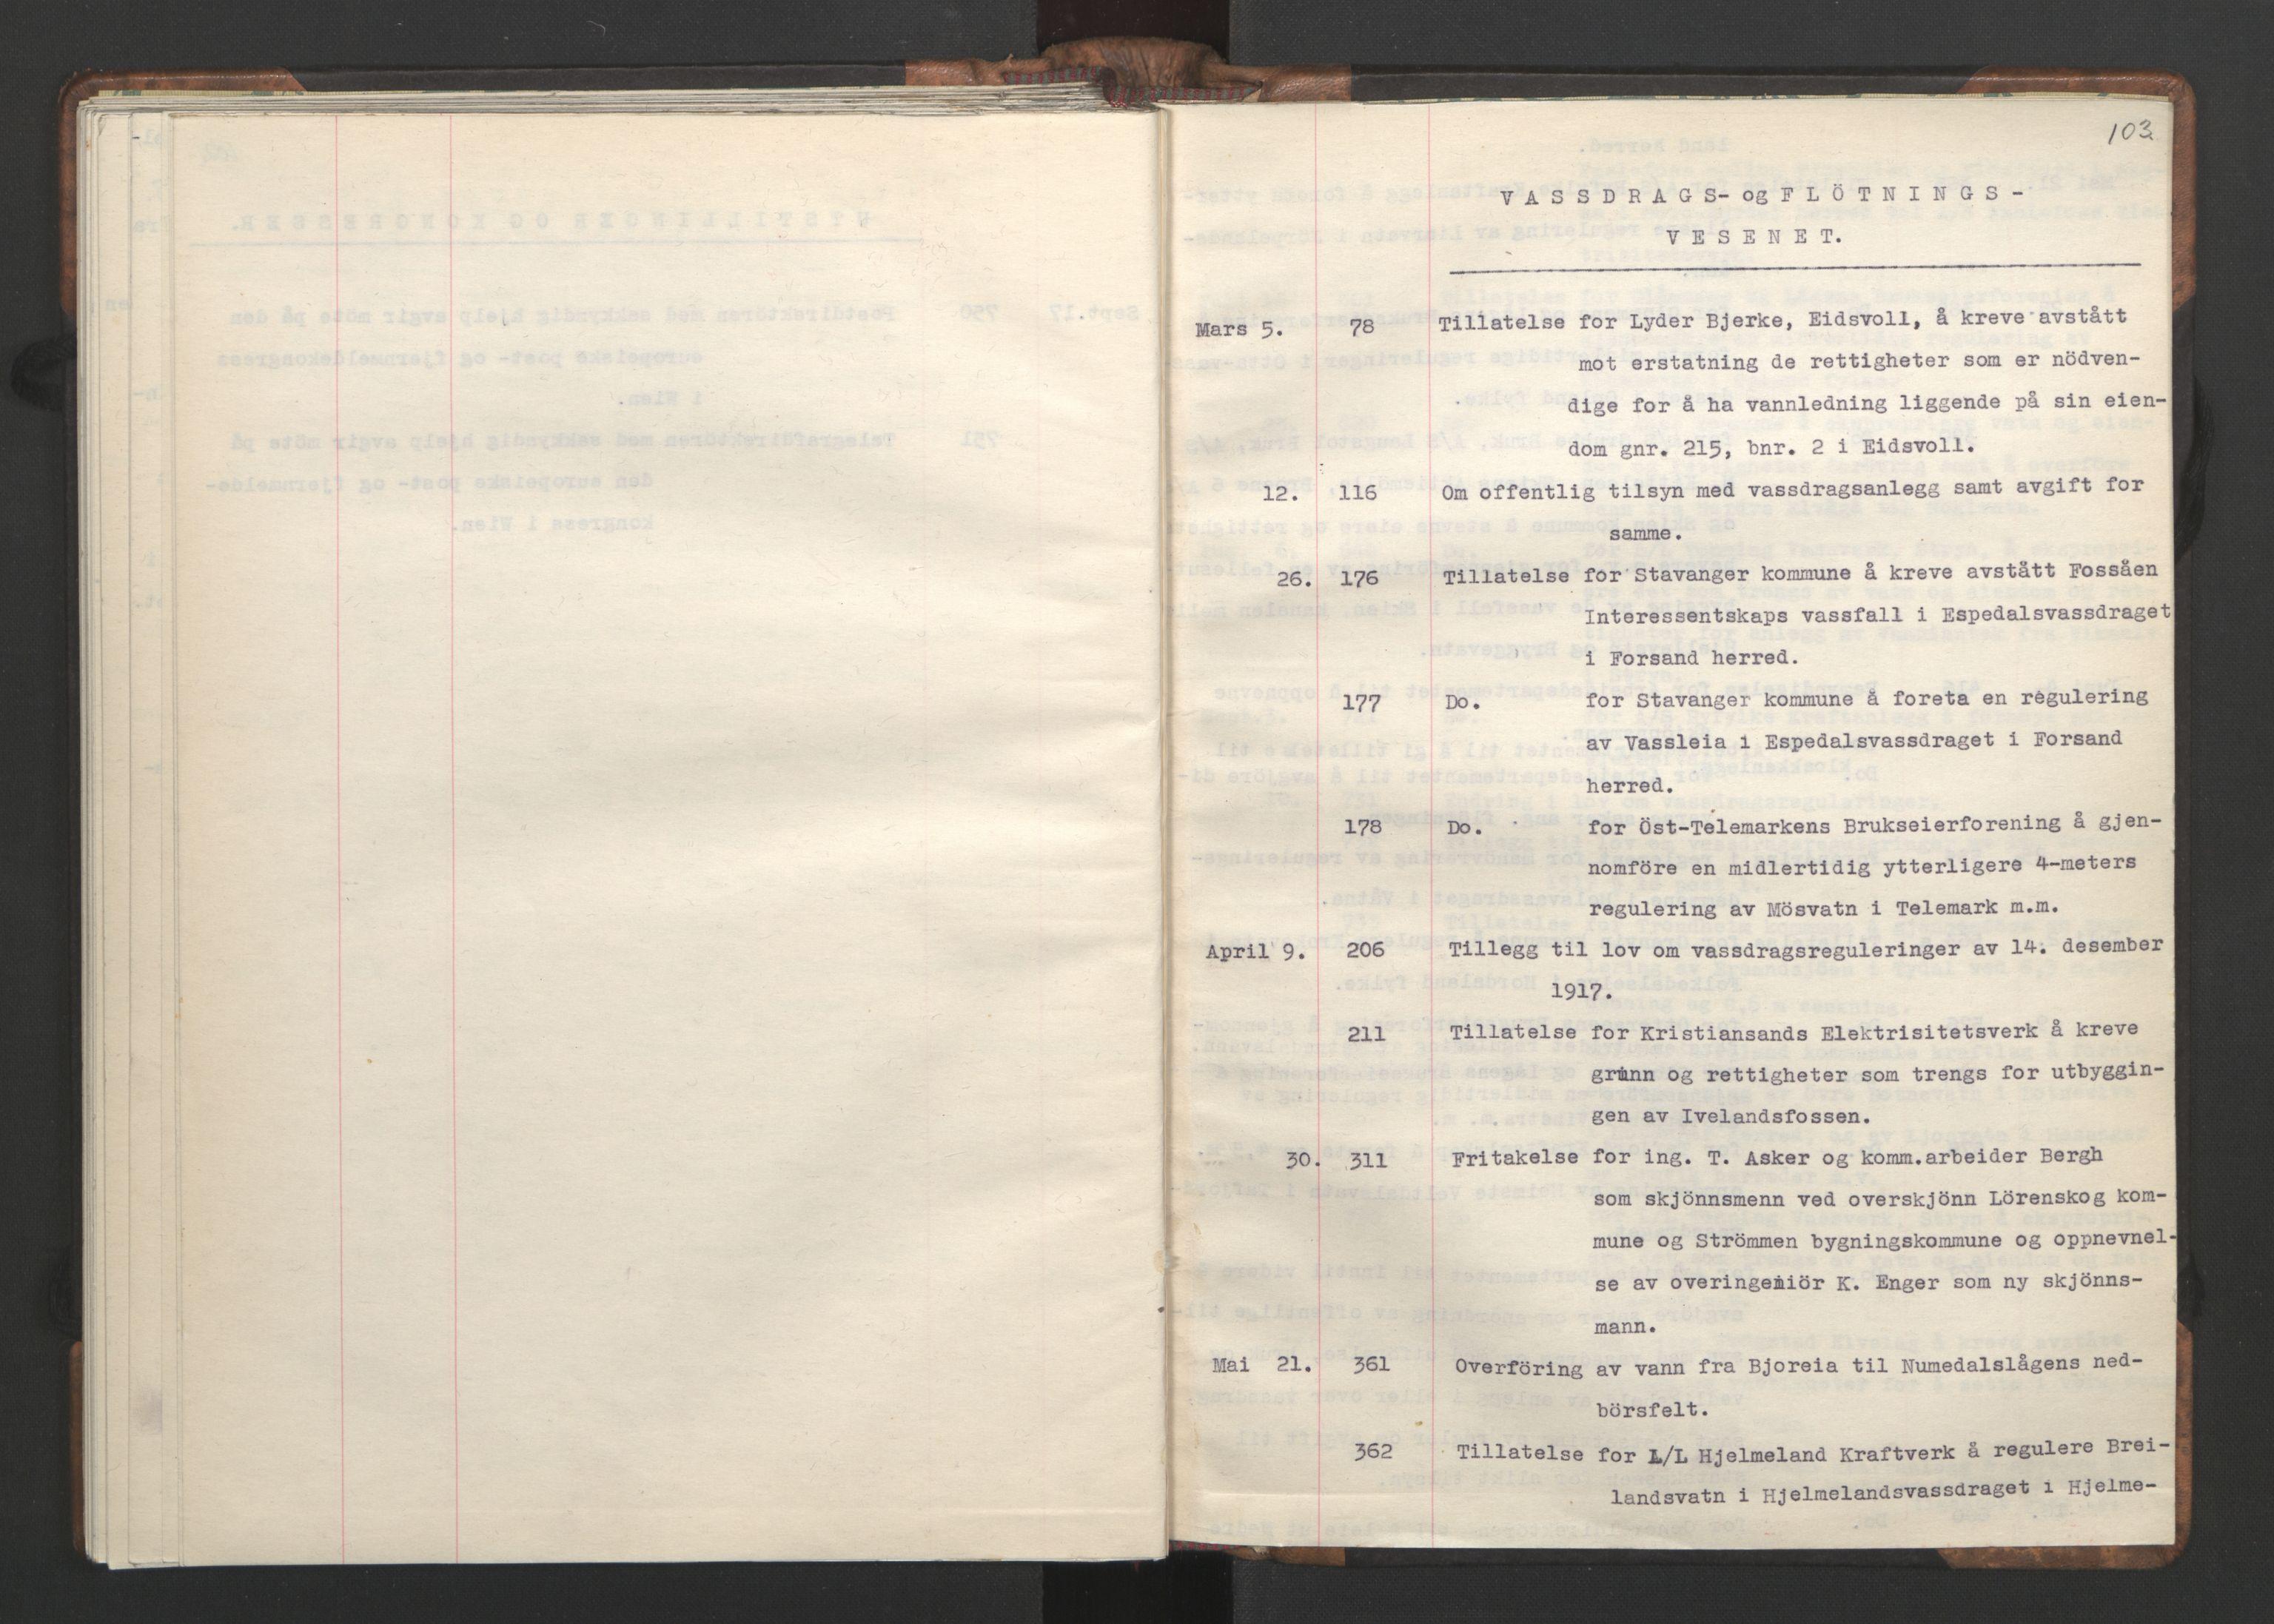 RA, NS-administrasjonen 1940-1945 (Statsrådsekretariatet, de kommisariske statsråder mm), D/Da/L0002: Register (RA j.nr. 985/1943, tilgangsnr. 17/1943), 1942, s. 102b-103a